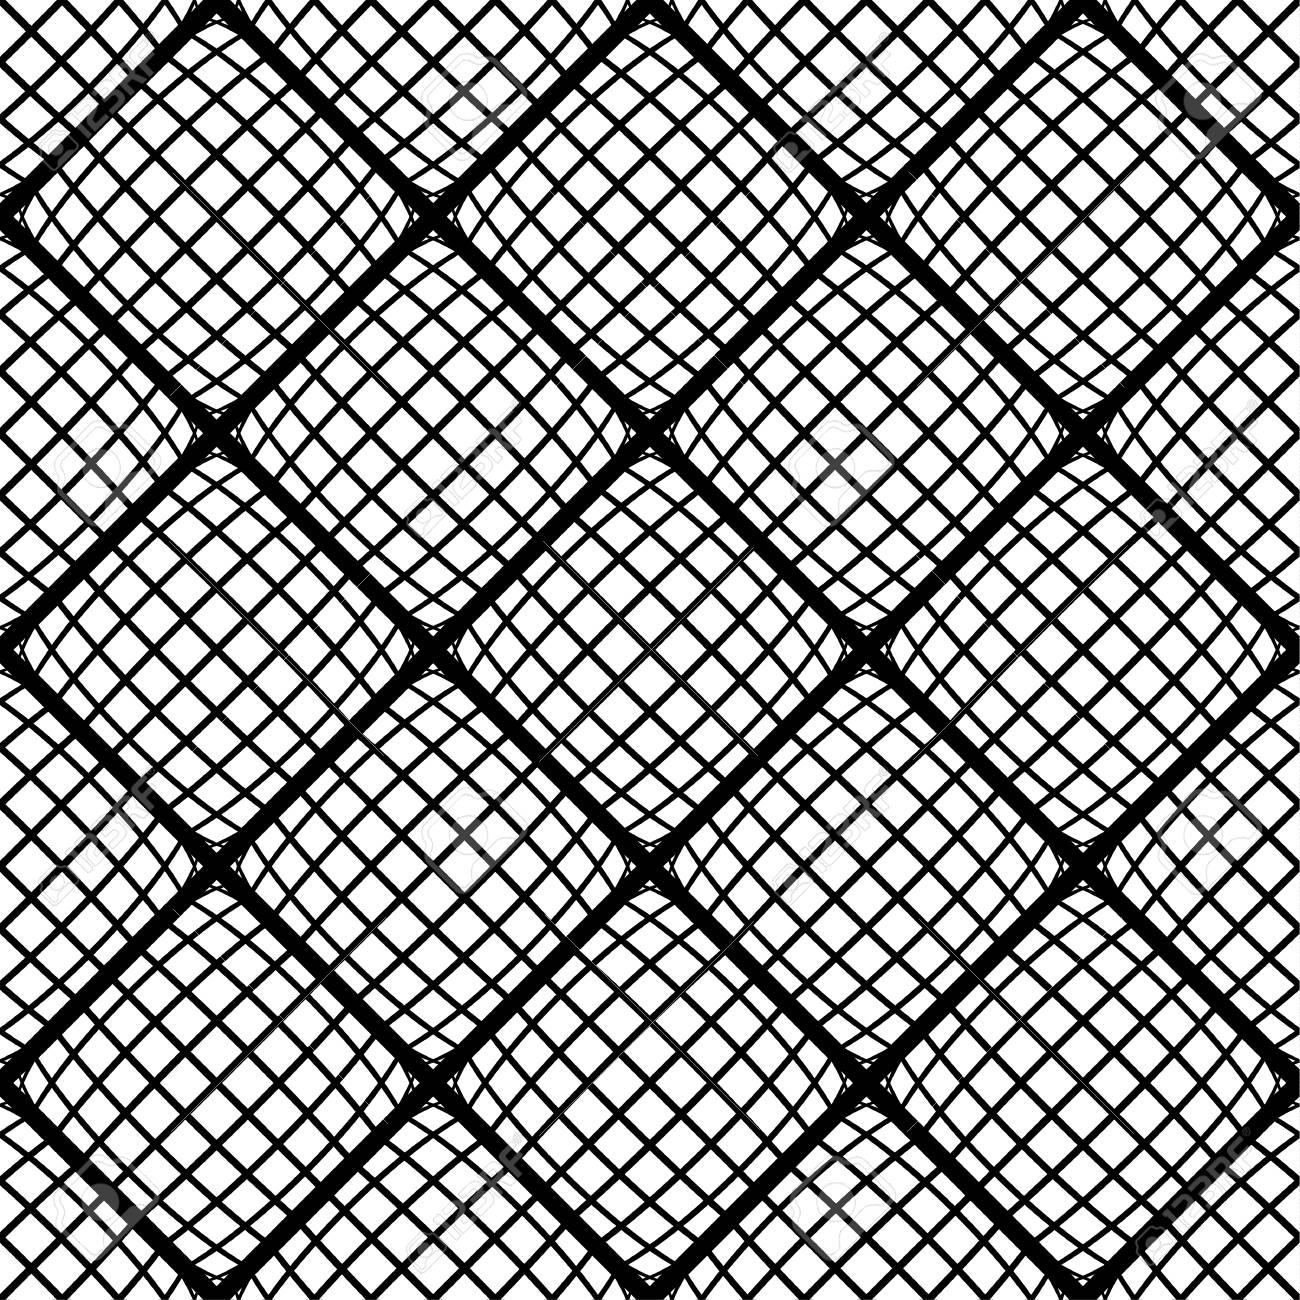 Zwart Wit Tegels.Mozaiek Achtergrond Met Vervormde Tegels Van De Pleinen Abstracte Zwart Wit Patroon Naadloos Herhaalbare Vector